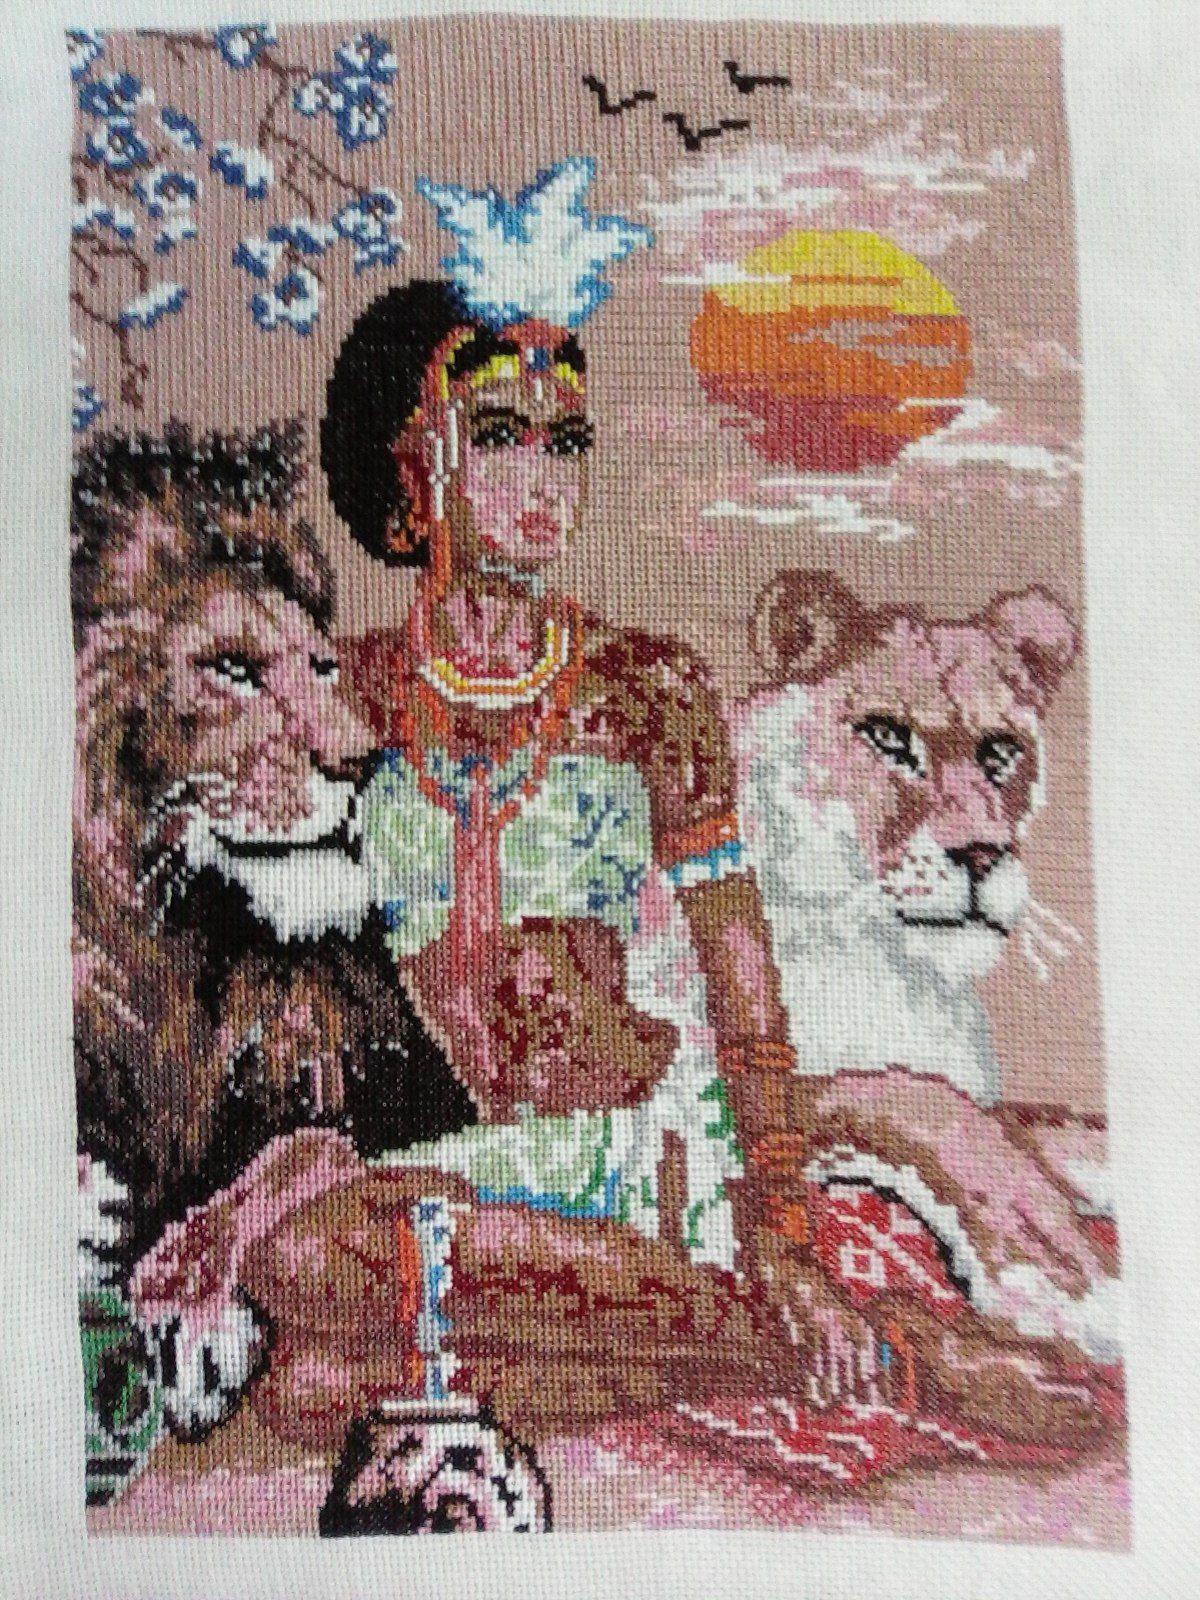 вышивка крестом схемы кошек маргарет шерри